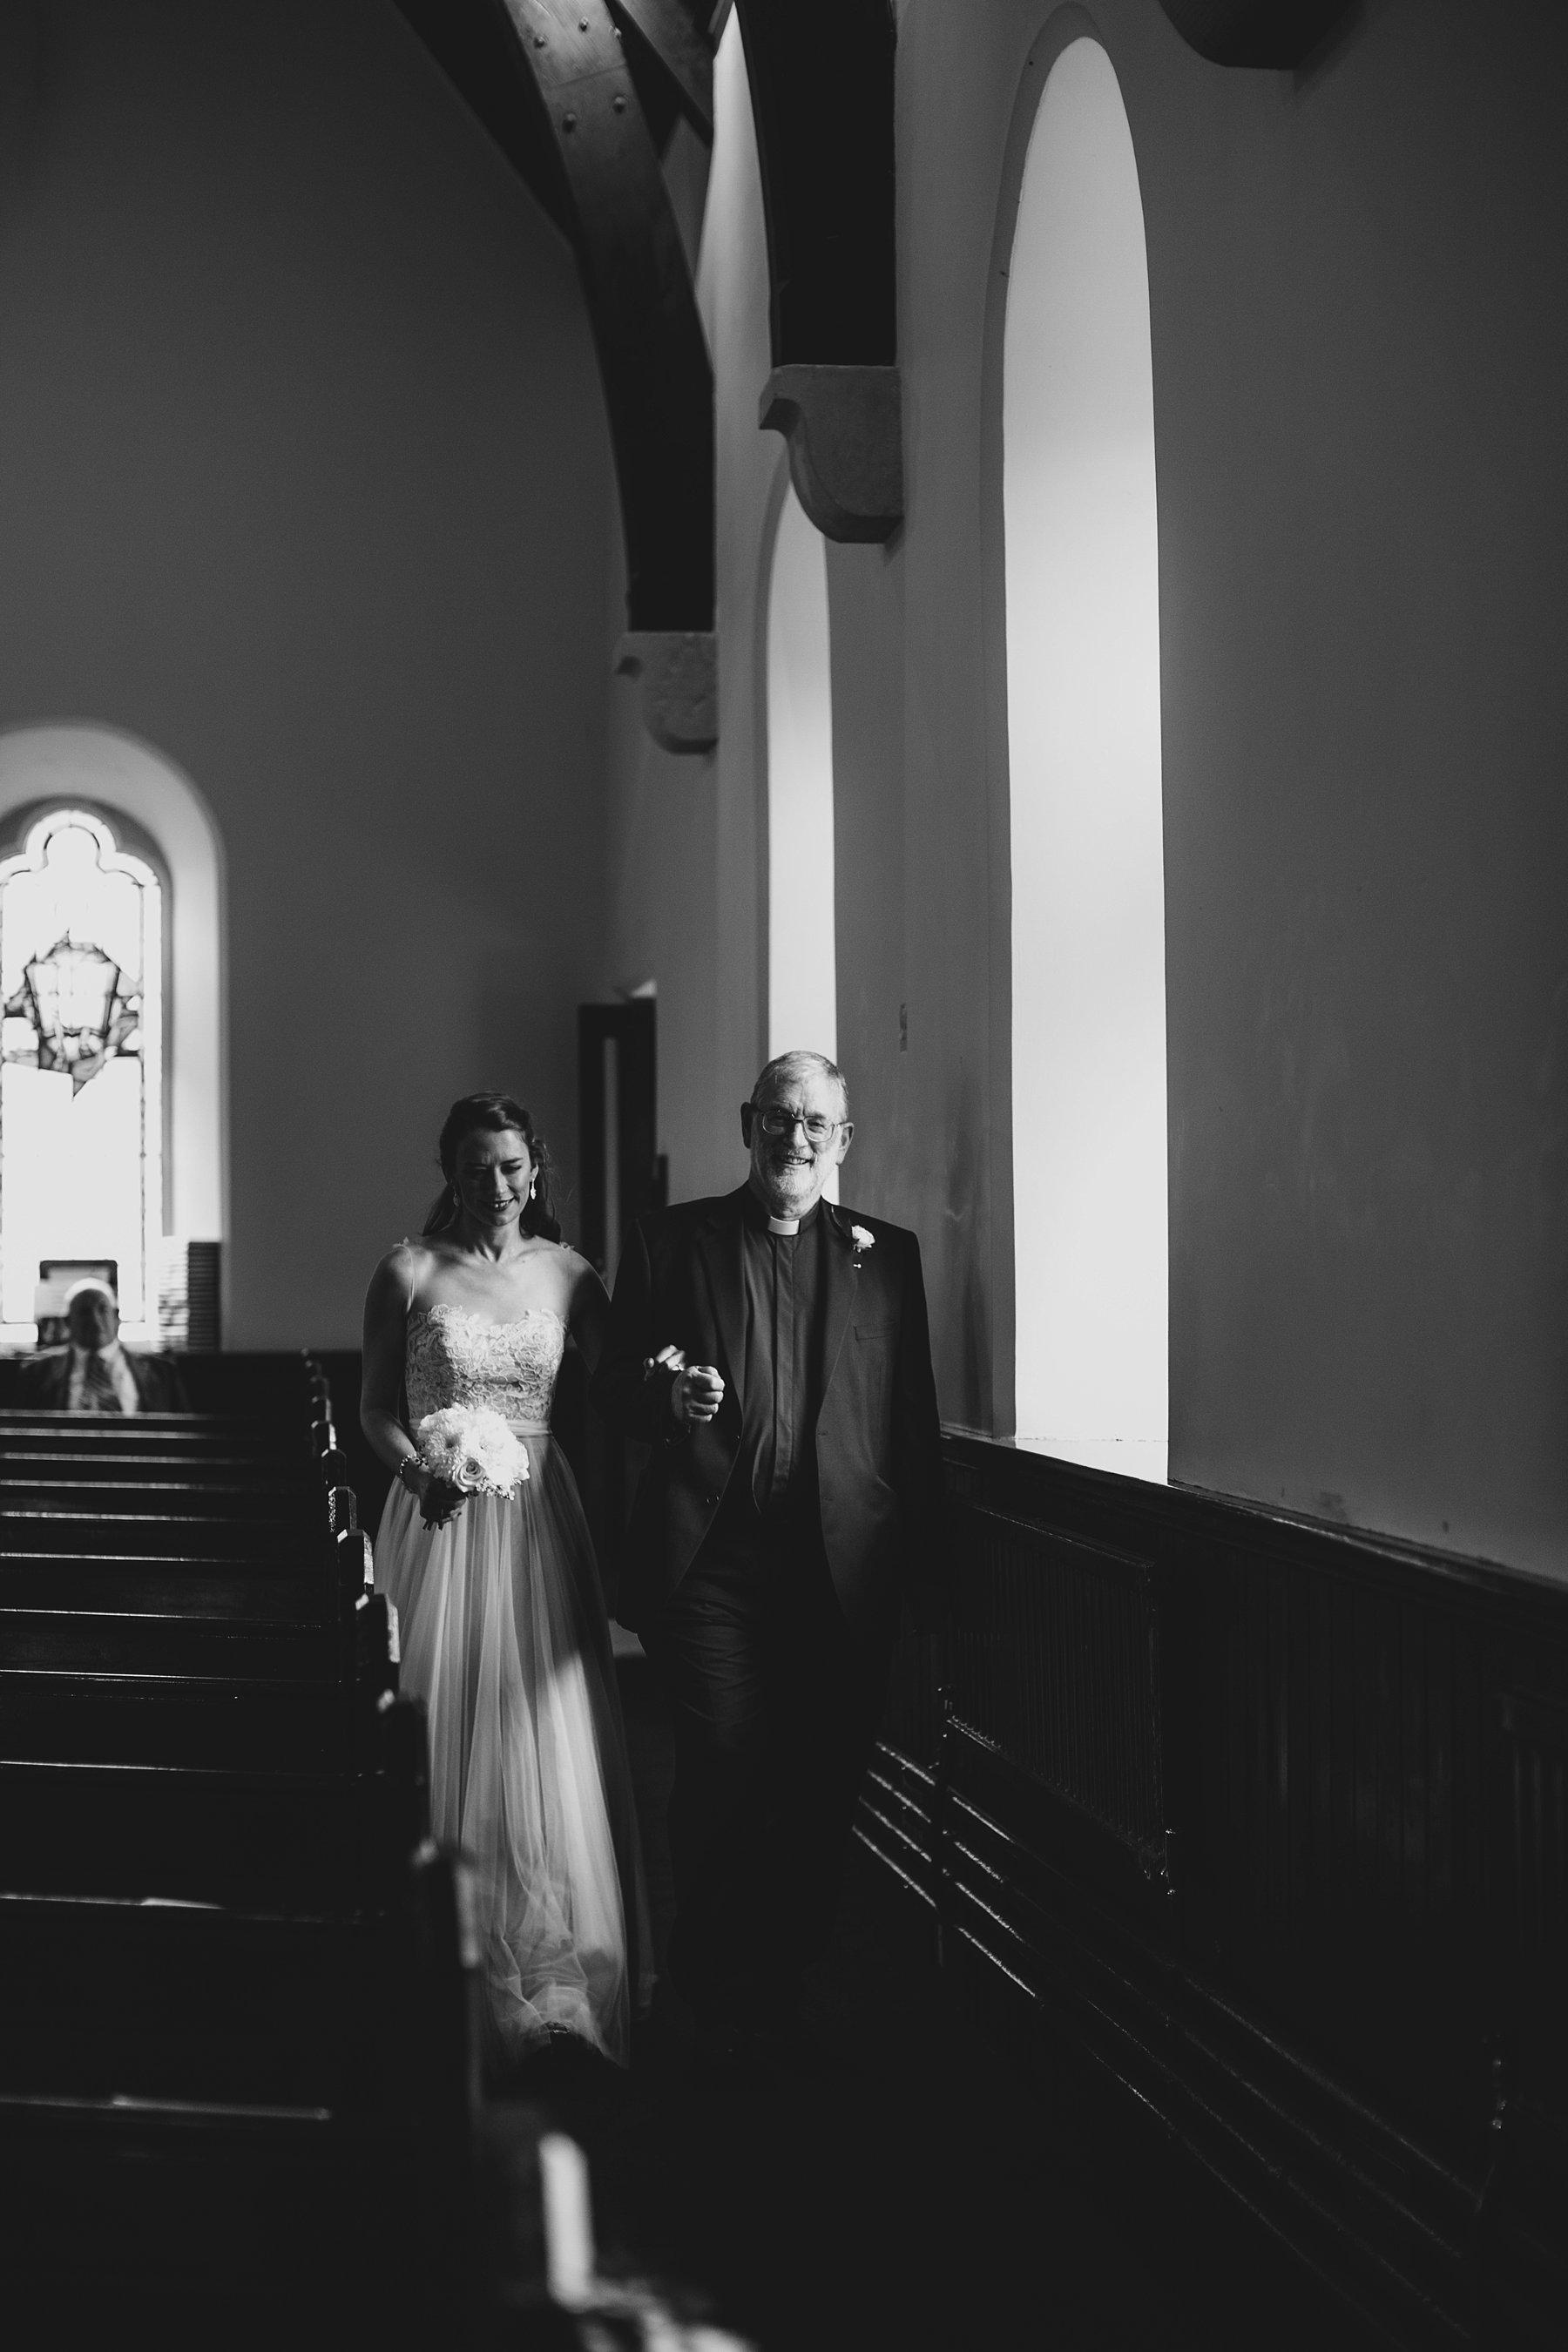 hornhead_donegak_elopement_weddings_0030